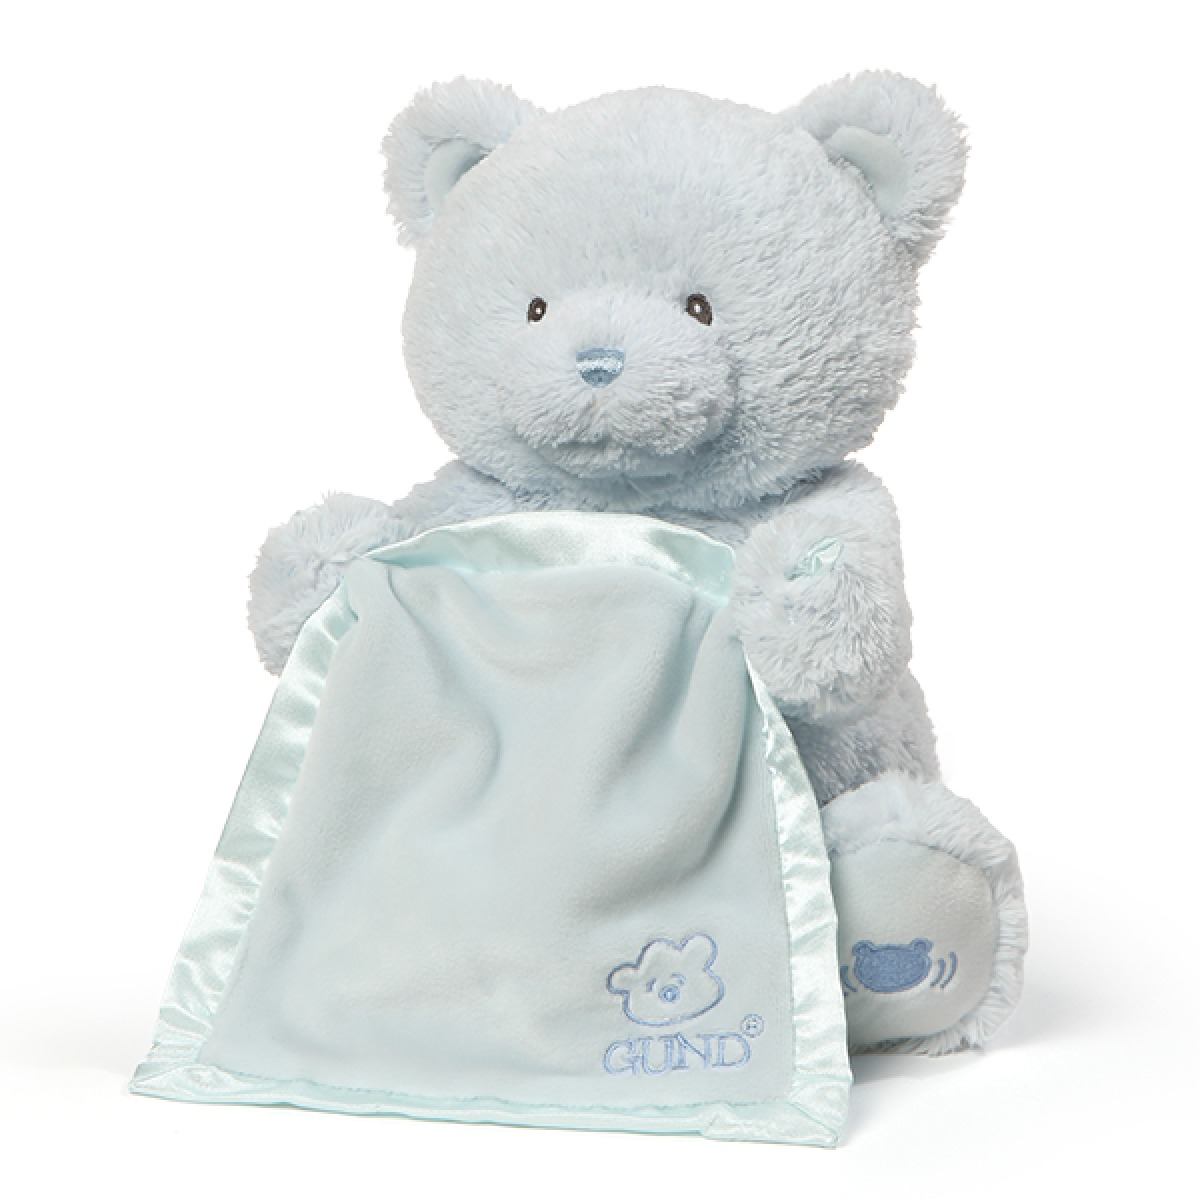 Gund: My First Teddy - Peek A Boo Plush (Blue) image